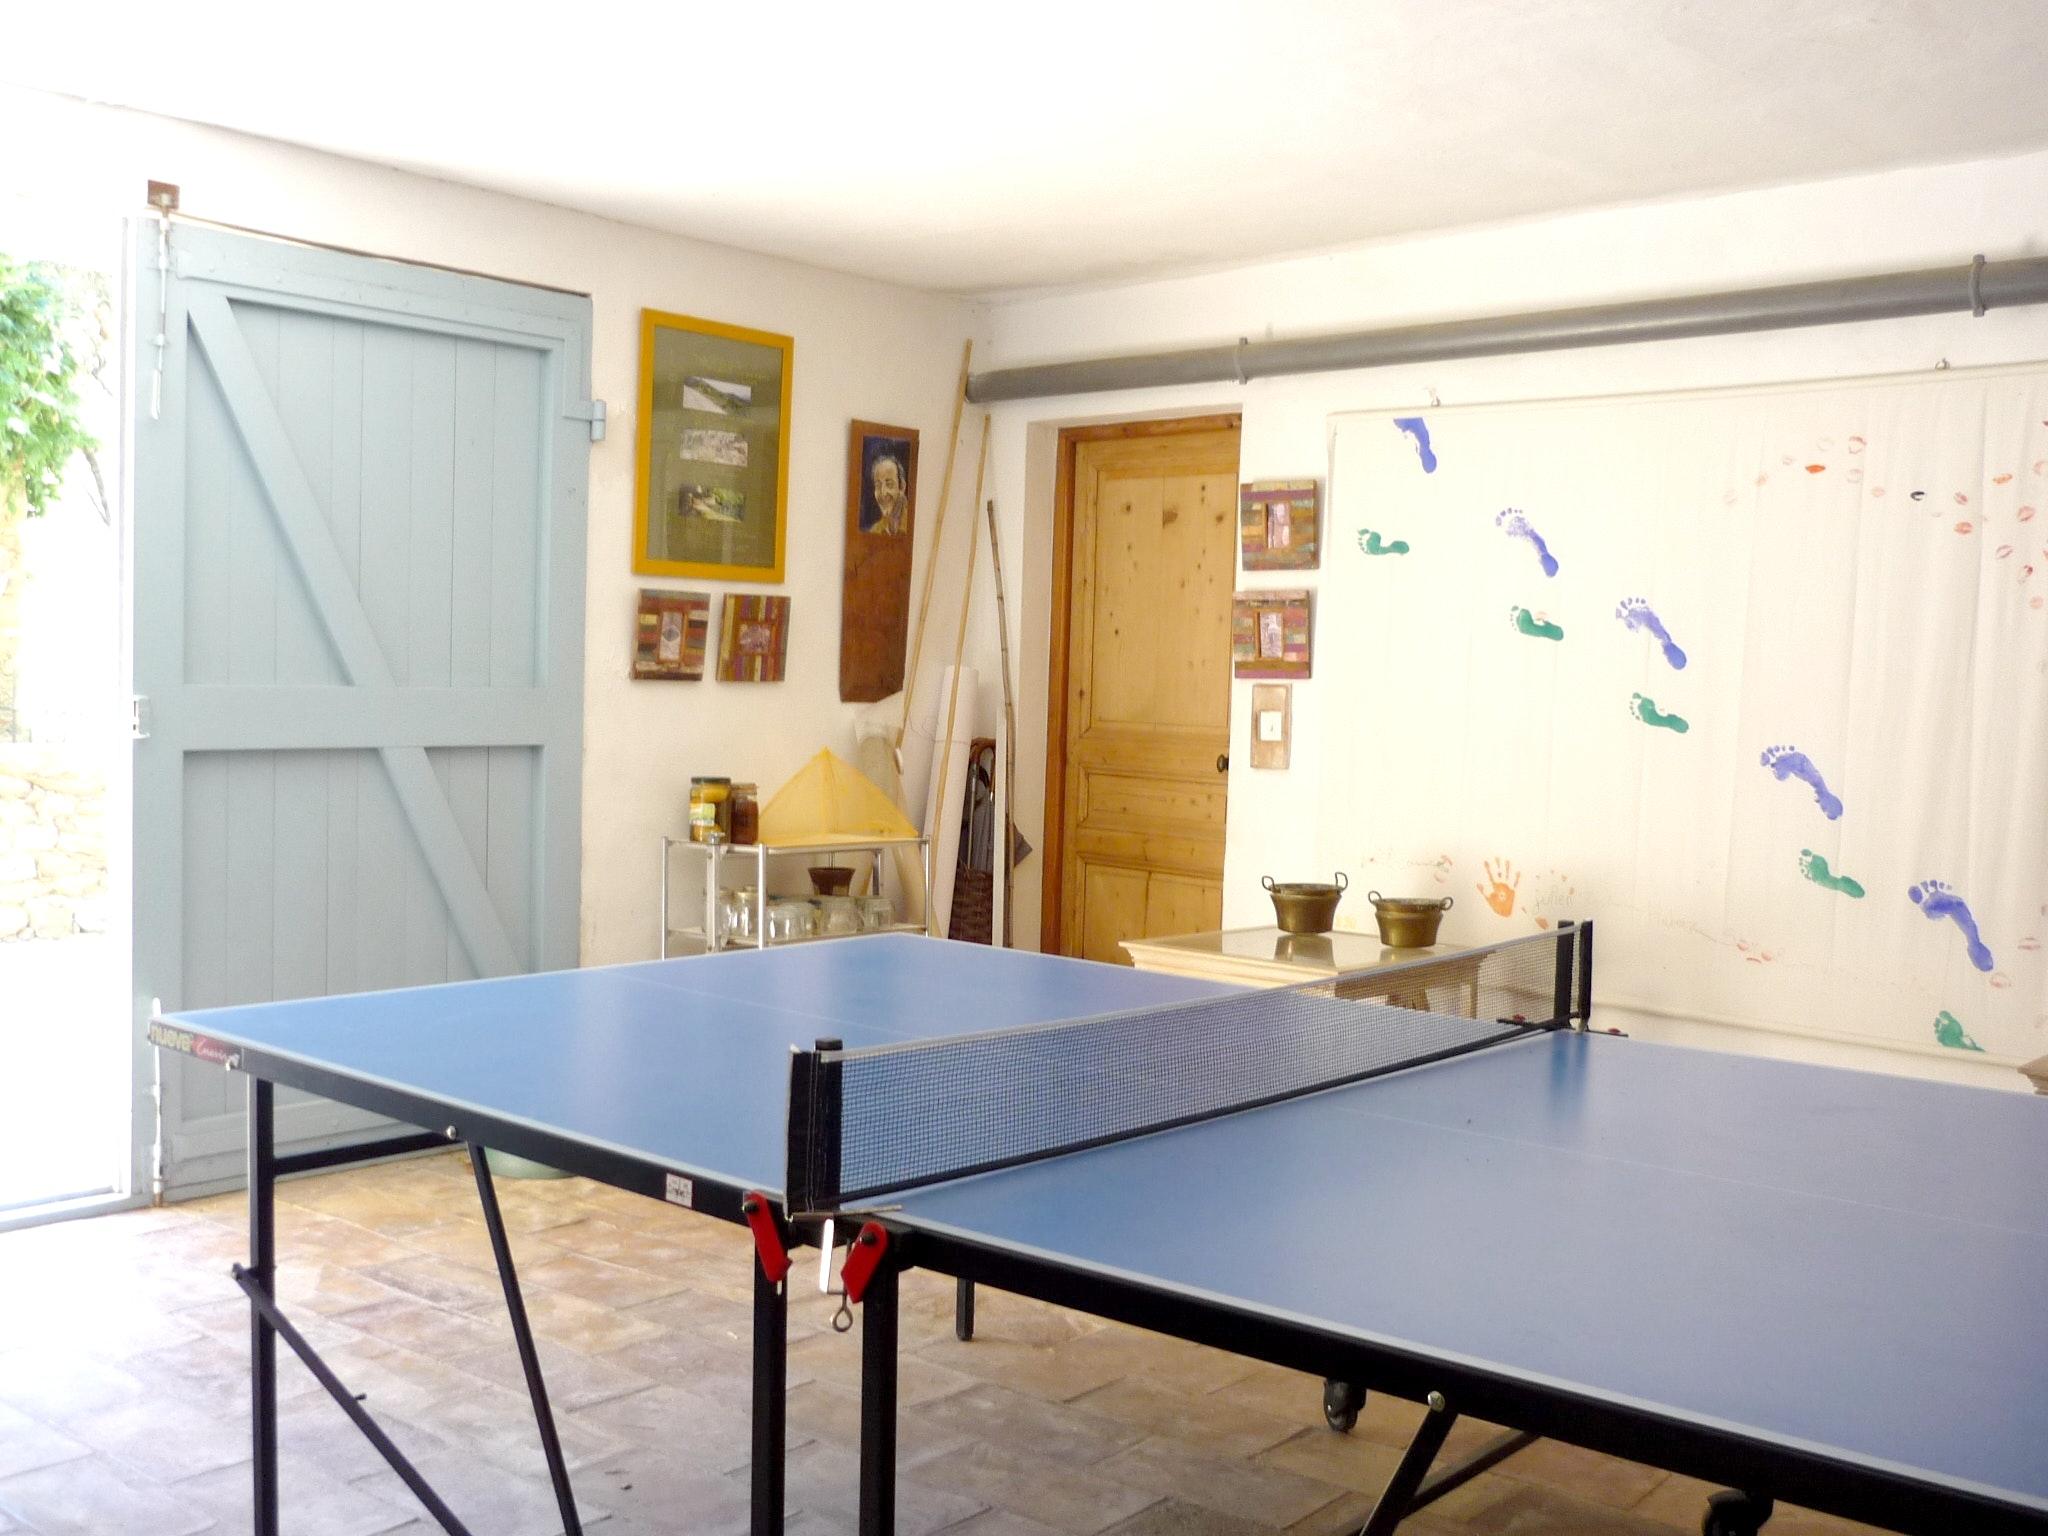 Maison de vacances Villa mit 5 Zimmern in La Garde-Freinet mit privatem Pool, Garten und W-LAN - 20 km vom St (2339879), La Garde Freinet, Côte d'Azur, Provence - Alpes - Côte d'Azur, France, image 24